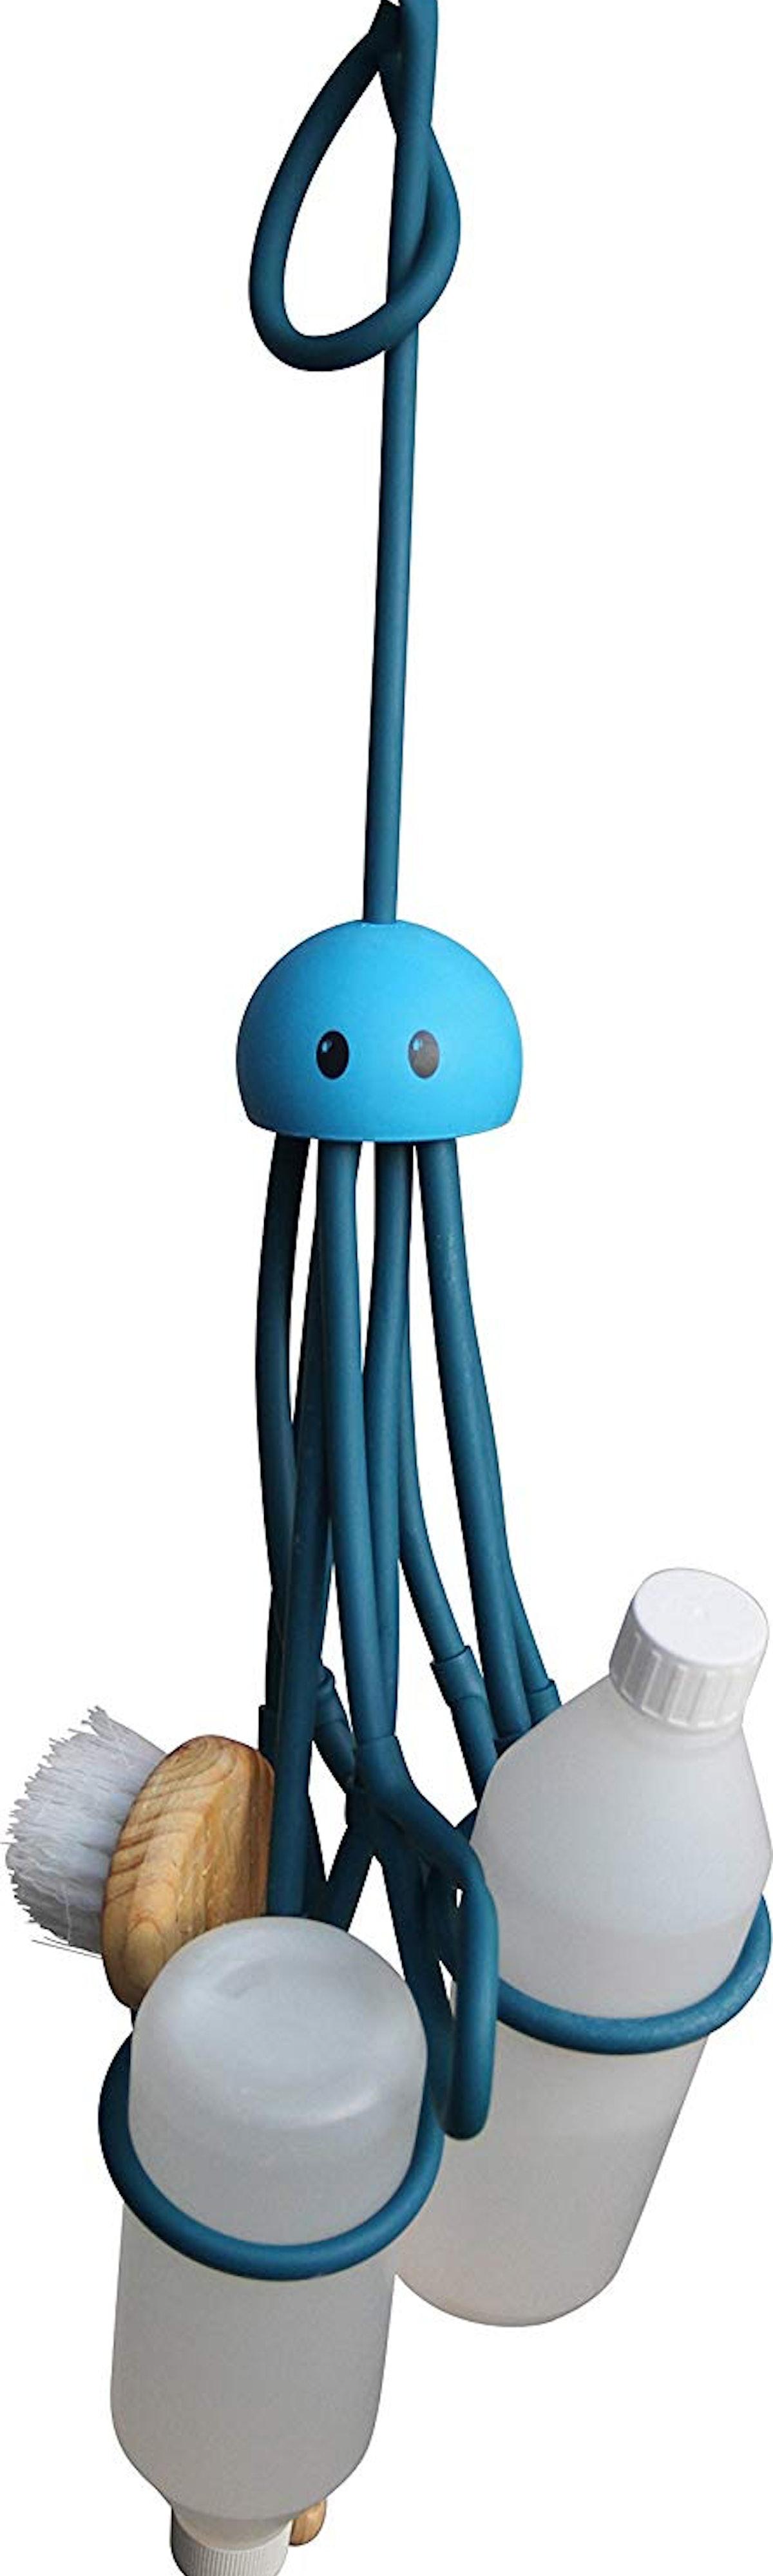 Formverket Octopus Shower Caddy